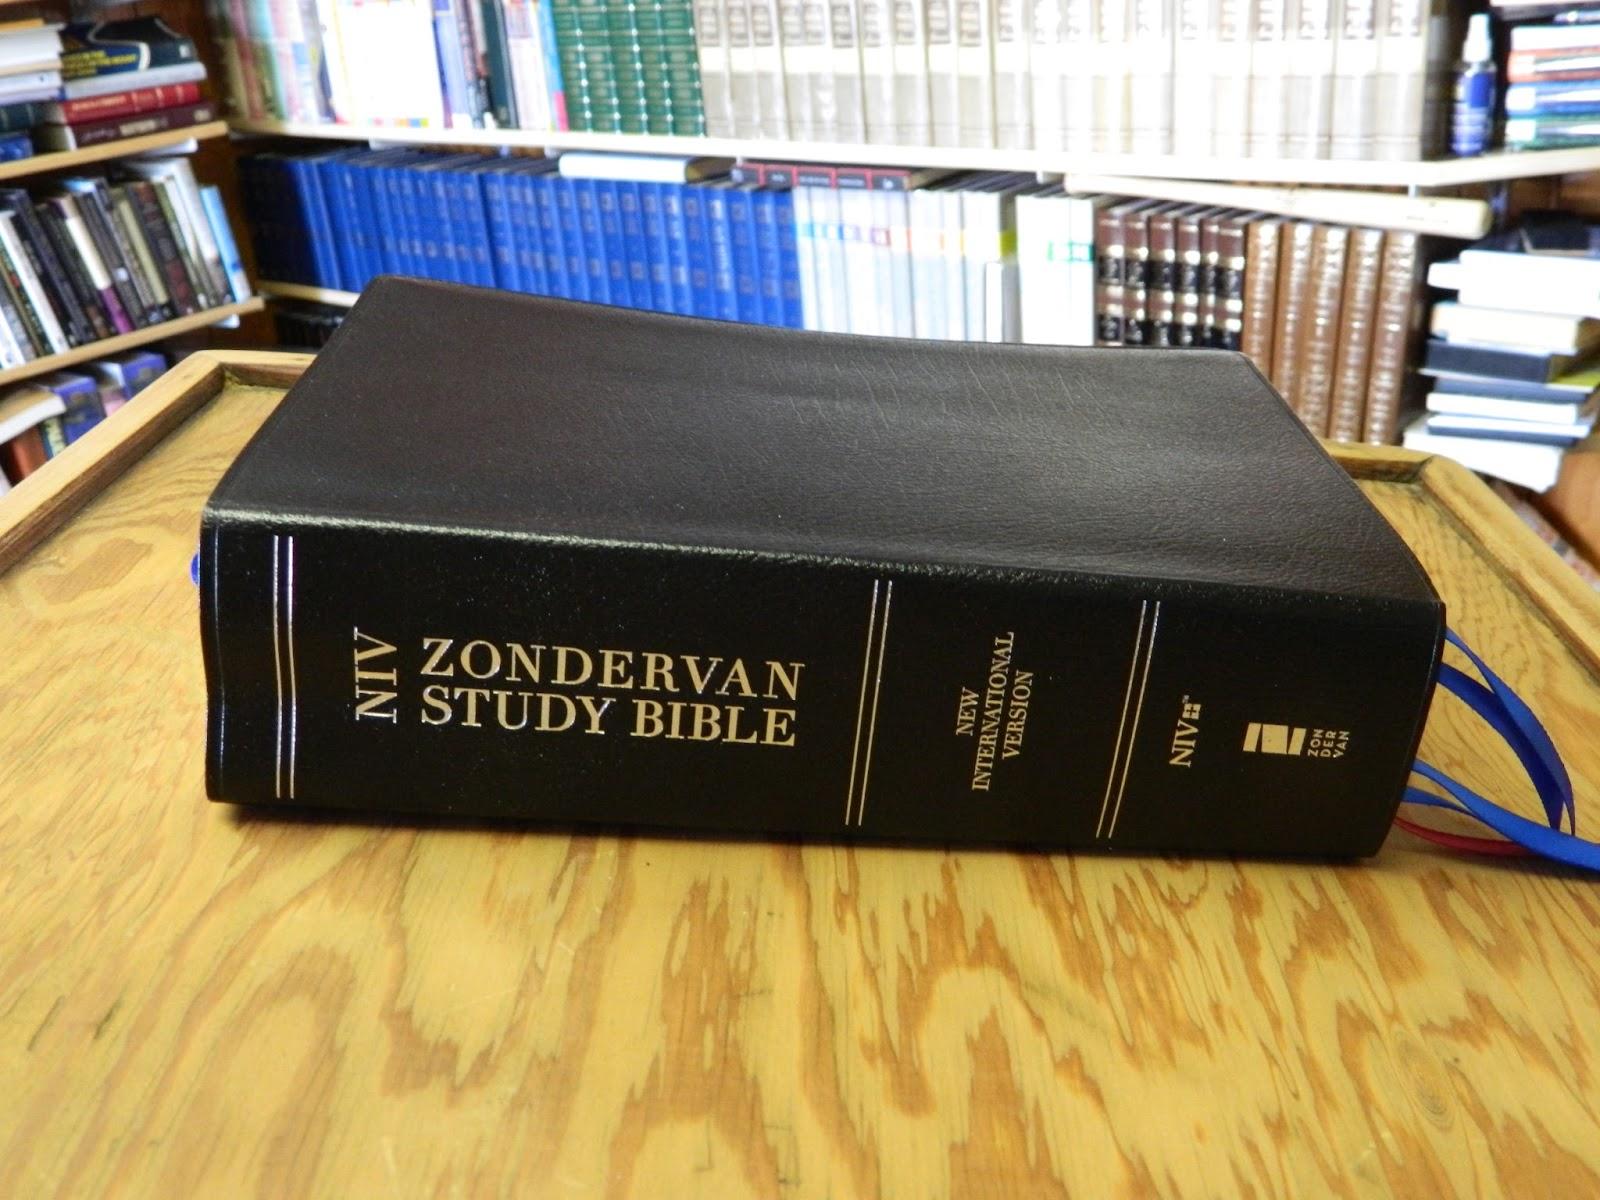 KJV Zondervan Study Bibles - allbibles.com